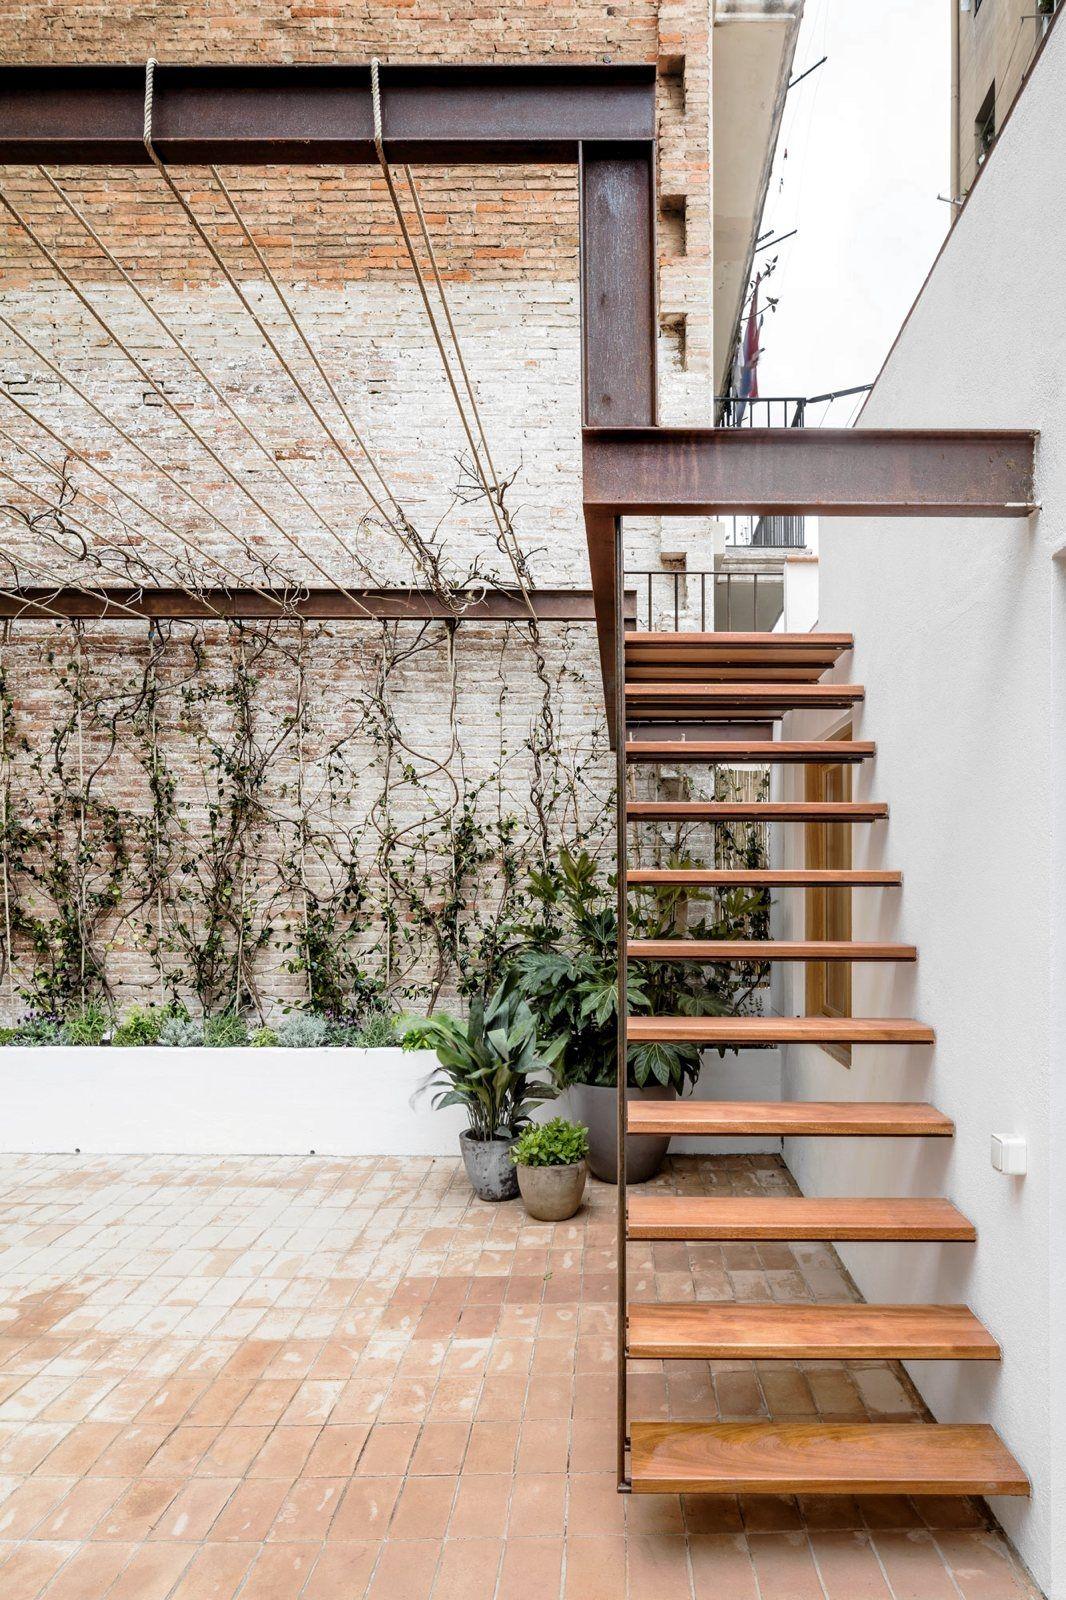 Industrial Pergola Stairway Ga Upinteriors Ello Exterior